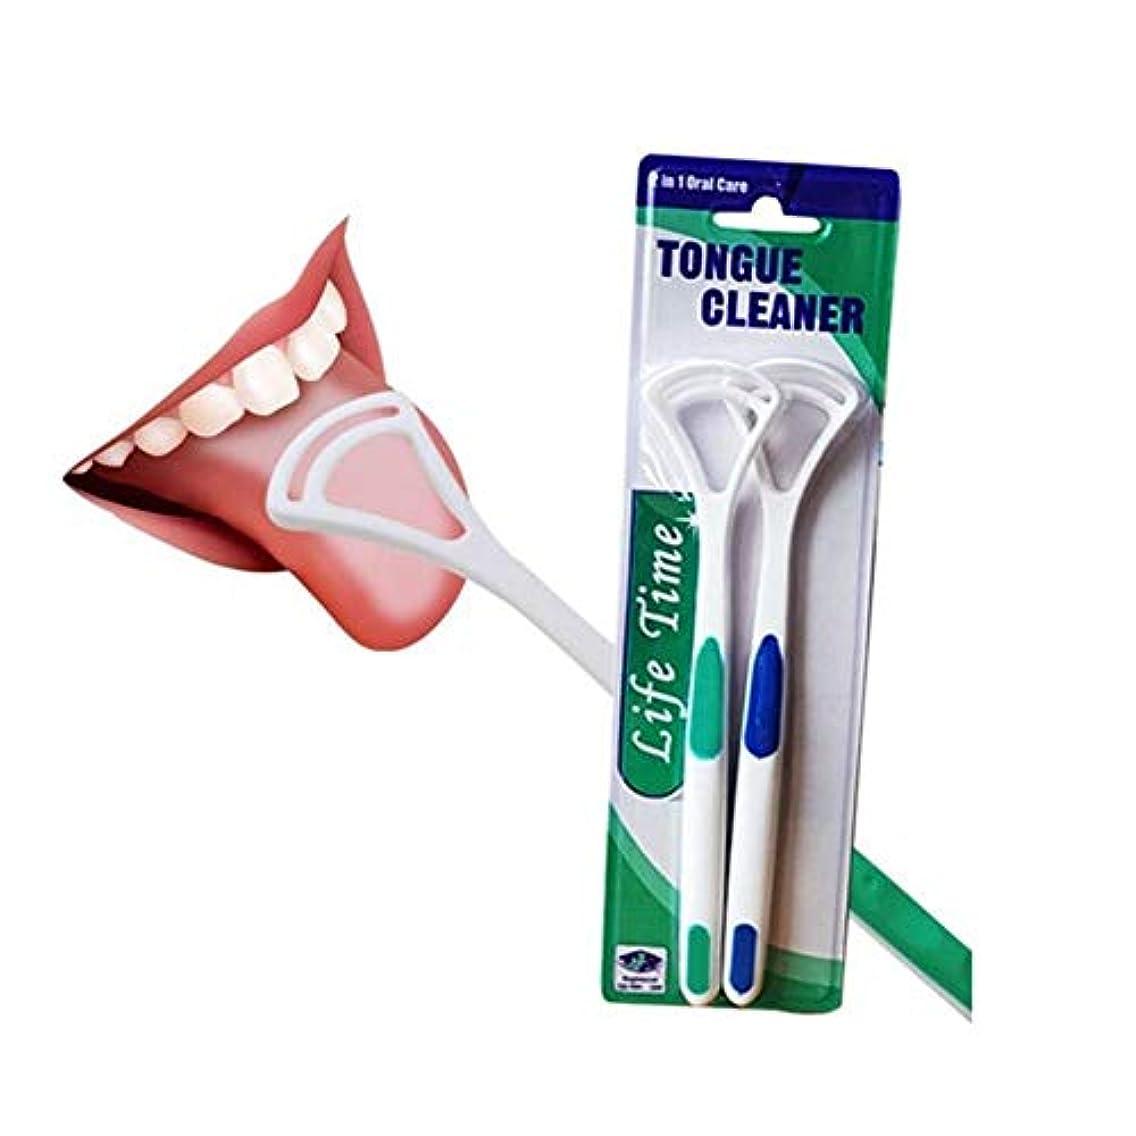 裁定鉛筆自治ZHQI-HEAL 4ピース新しいホット舌クリーナースクレーパースクラッチ舌コーティングブラシクリーナーシリカハンドル口腔衛生家族歯ケアツール (色 : Blue/green)